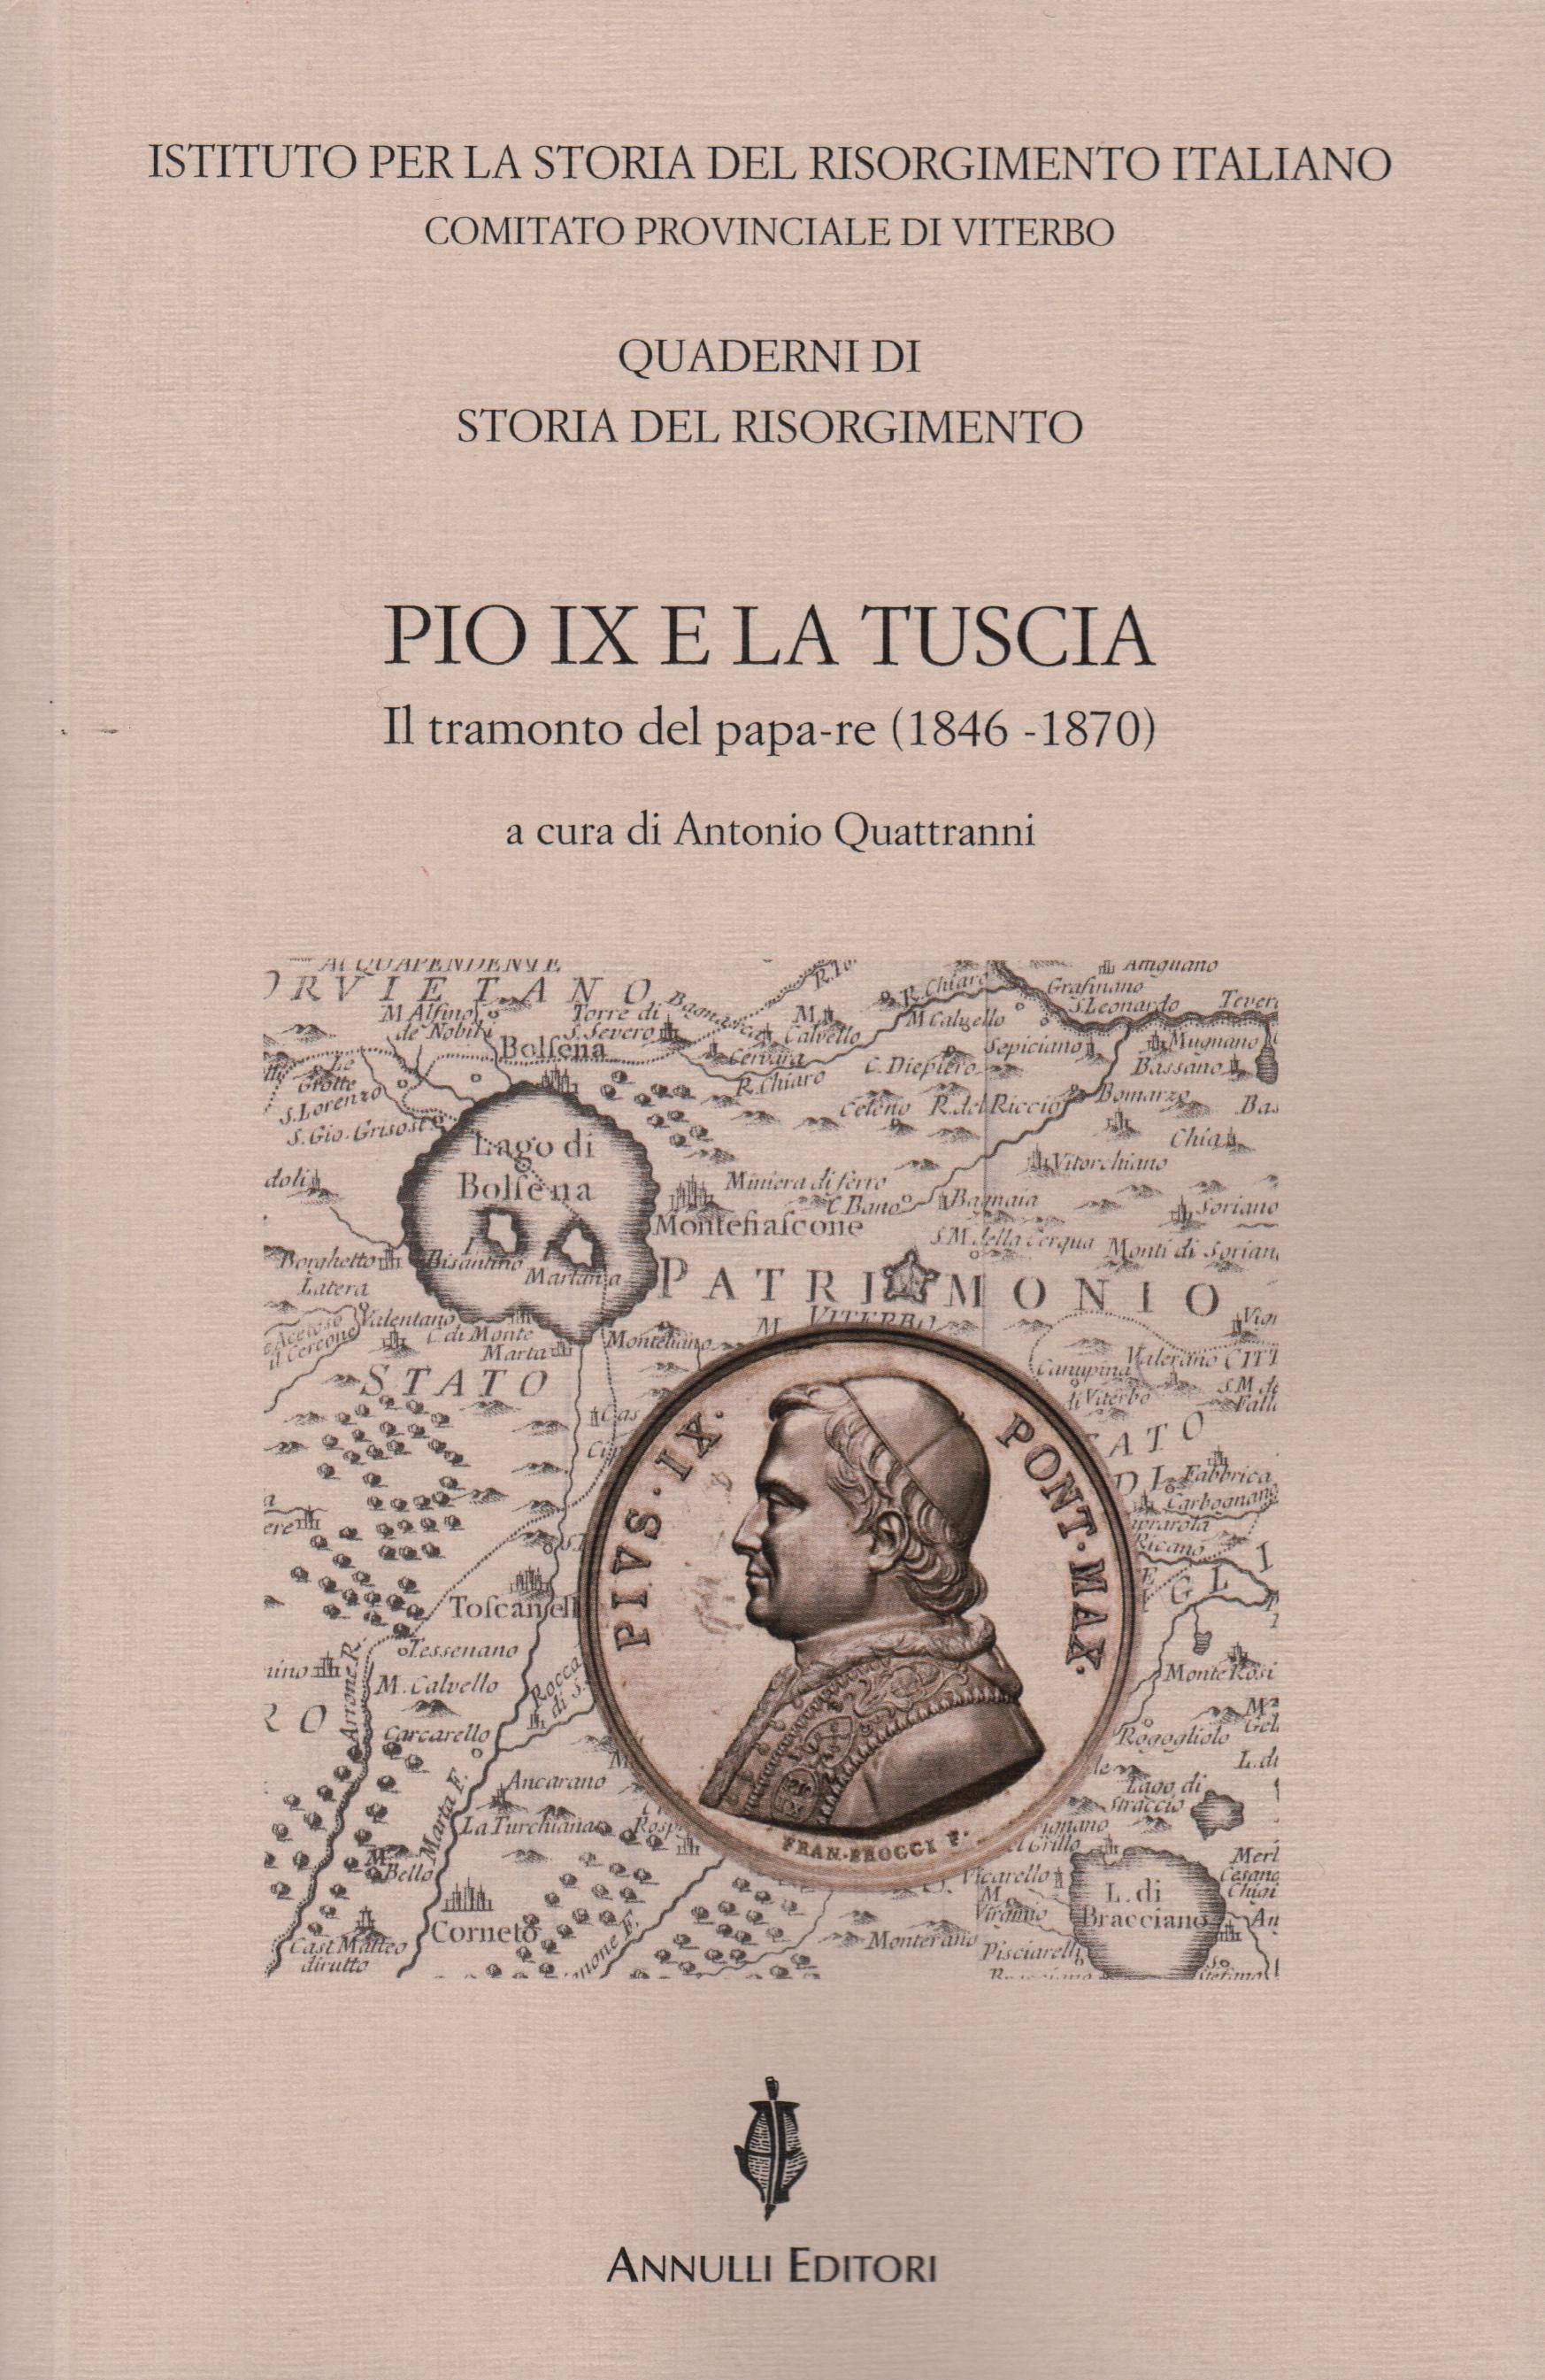 Pio IX e la Tuscia_copertina